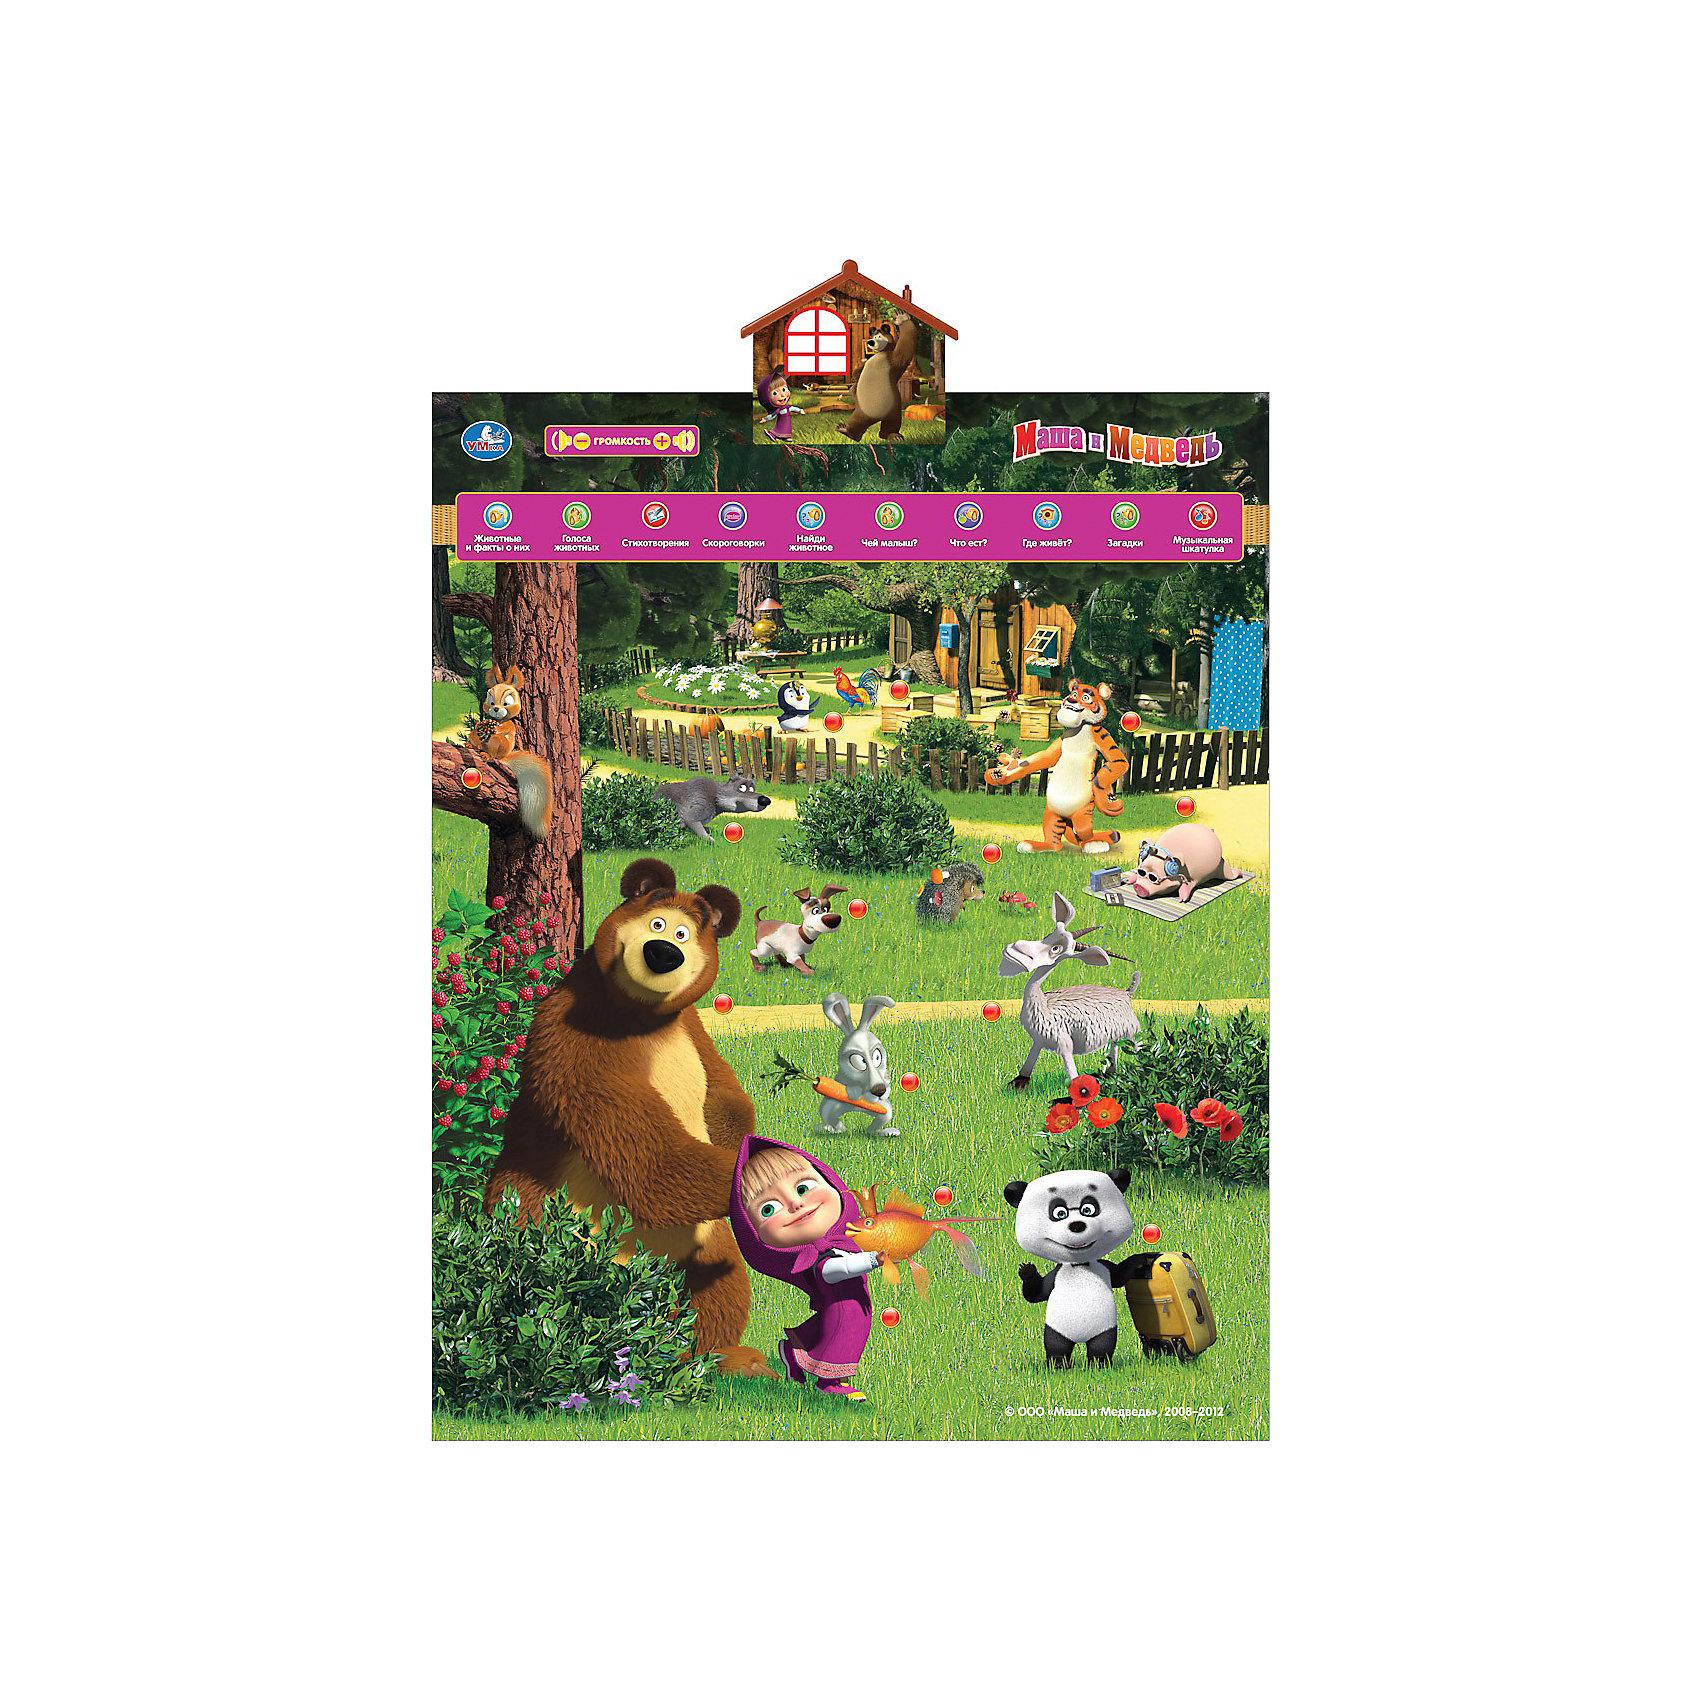 Обучающий плакат В мире животных, Маша и МедведьОбучающие плакаты и планшеты<br>Обучающий плакат В мире животных. Маша и Медведь . <br>Музыкальная шкатулка, скороговорки, чистоговорки. <br>Игрушка озвучена профессиональным актёром, развиваем сенсорное восприятие и тактильные ощущения. <br>Автоматическое отключение. <br><br>Дополнительная информация:<br><br>Содержит темы: <br>учим названия и голоса животных. <br>учим факты о животных. <br>15 стихотворений о животных. <br>экзамен (кто что ест, кто где живет). <br>загадки (14 загадок). <br>музыкальная шкатулка. <br>скороговорки, чистоговорки. <br><br>Регулировка громкости, сенсорные кнопки, влагозащитная поверхность. Может располагаться на столе и вешаться на стену. <br>Батарейки входят в комплект.<br><br>Надолго сохранит новые знания Вашего малыша!<br>Можно с легкостью приобрести в нашем интернет-магазине!<br><br>Ширина мм: 40<br>Глубина мм: 490<br>Высота мм: 220<br>Вес г: 400<br>Возраст от месяцев: 24<br>Возраст до месяцев: 84<br>Пол: Женский<br>Возраст: Детский<br>SKU: 3361188